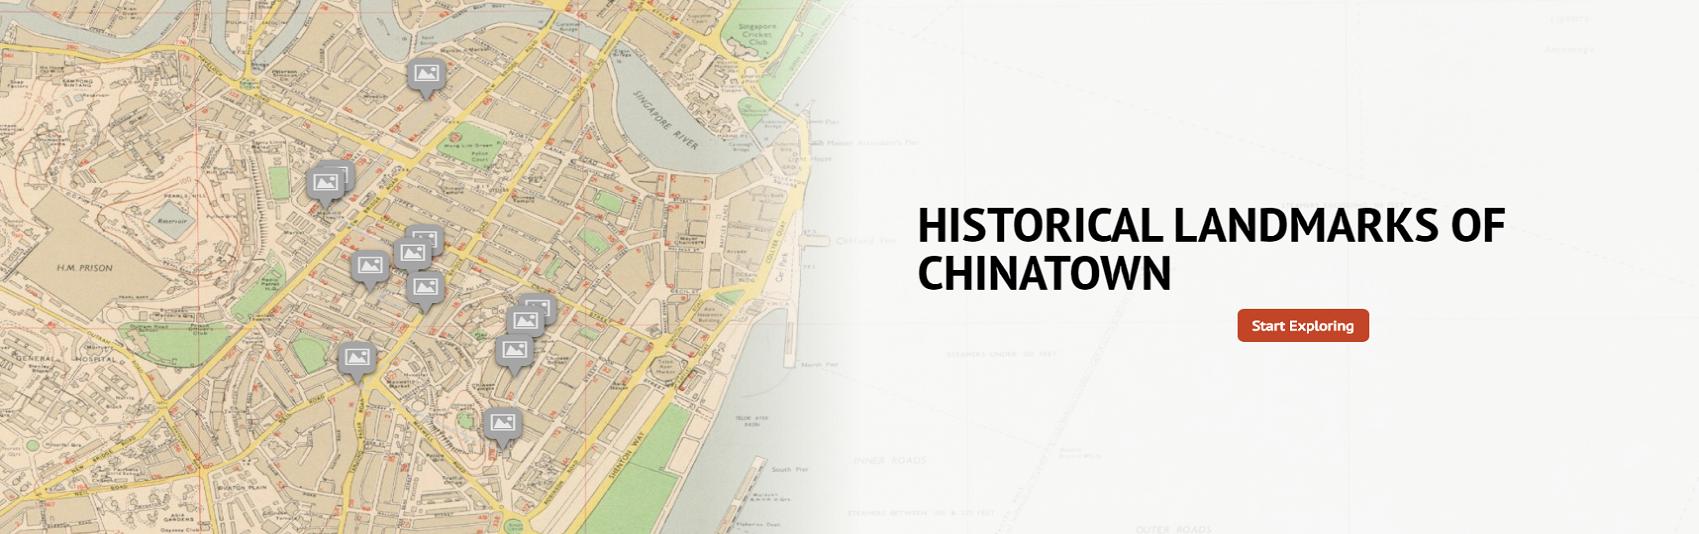 chinatown-landmarks